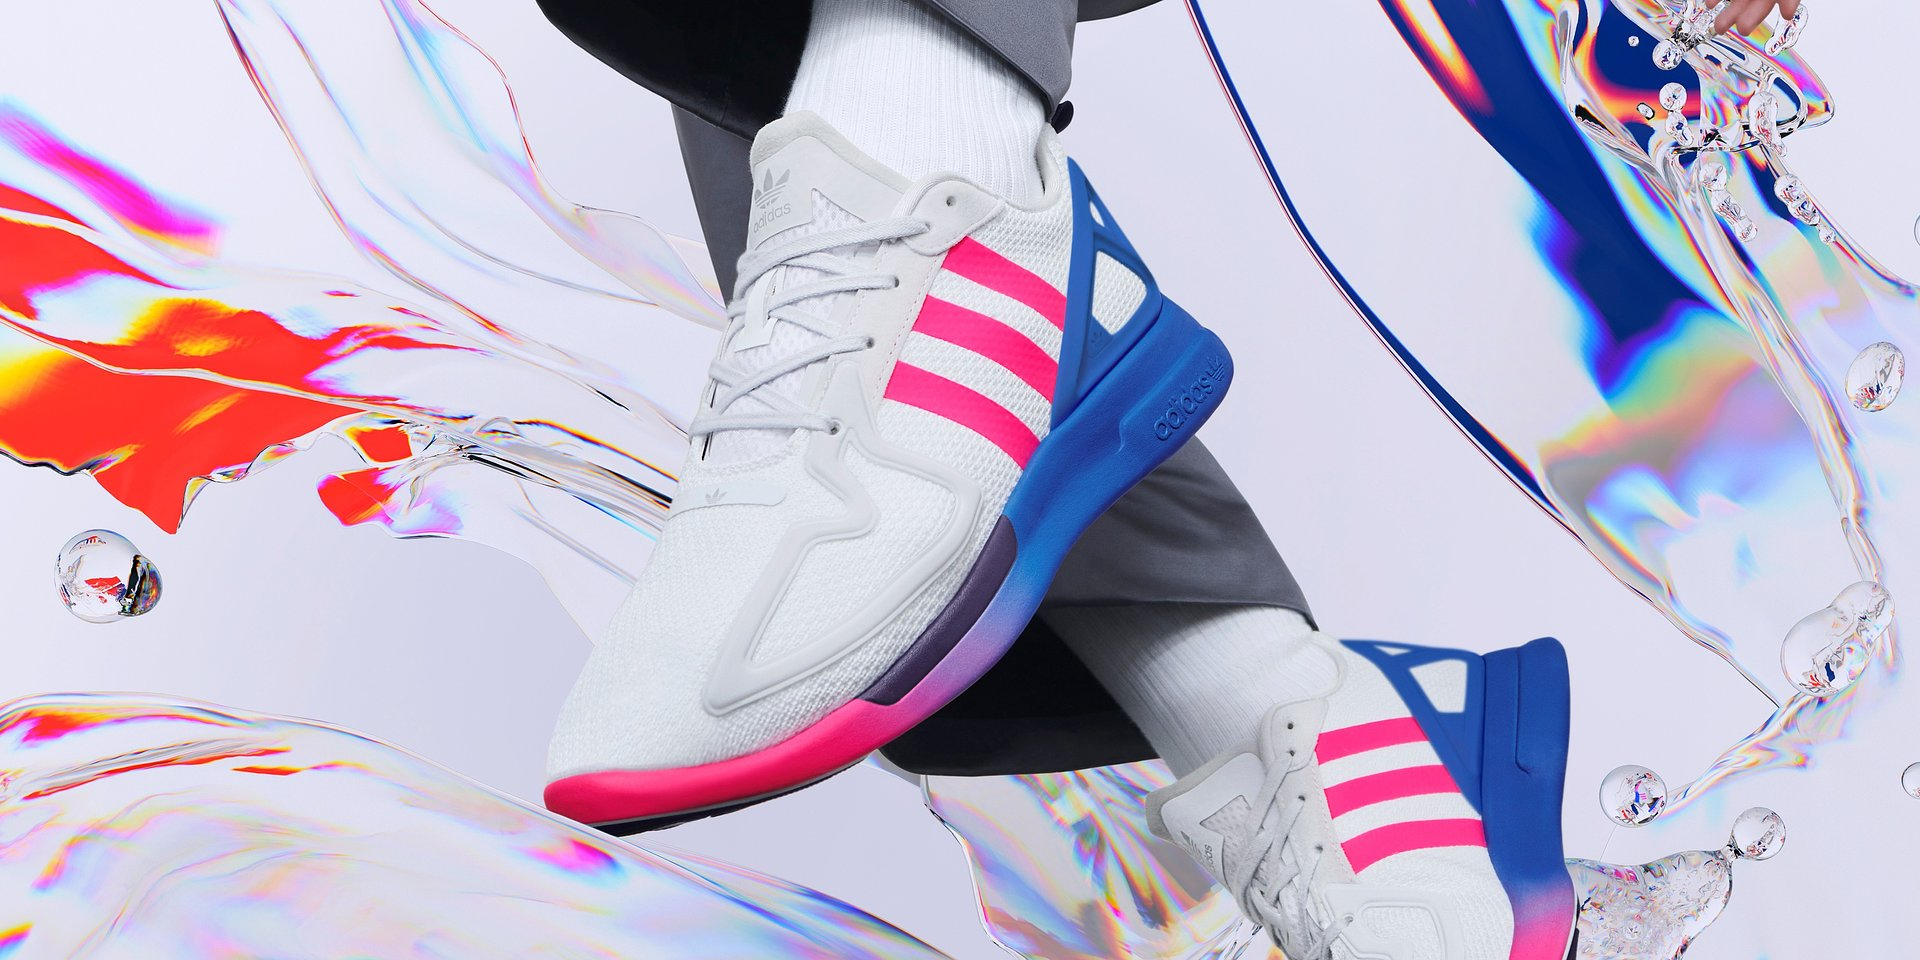 VMLY&R z kolejną zaskakująco satysfakcjonującą kampanią dla adidas ZX 2K BOOST